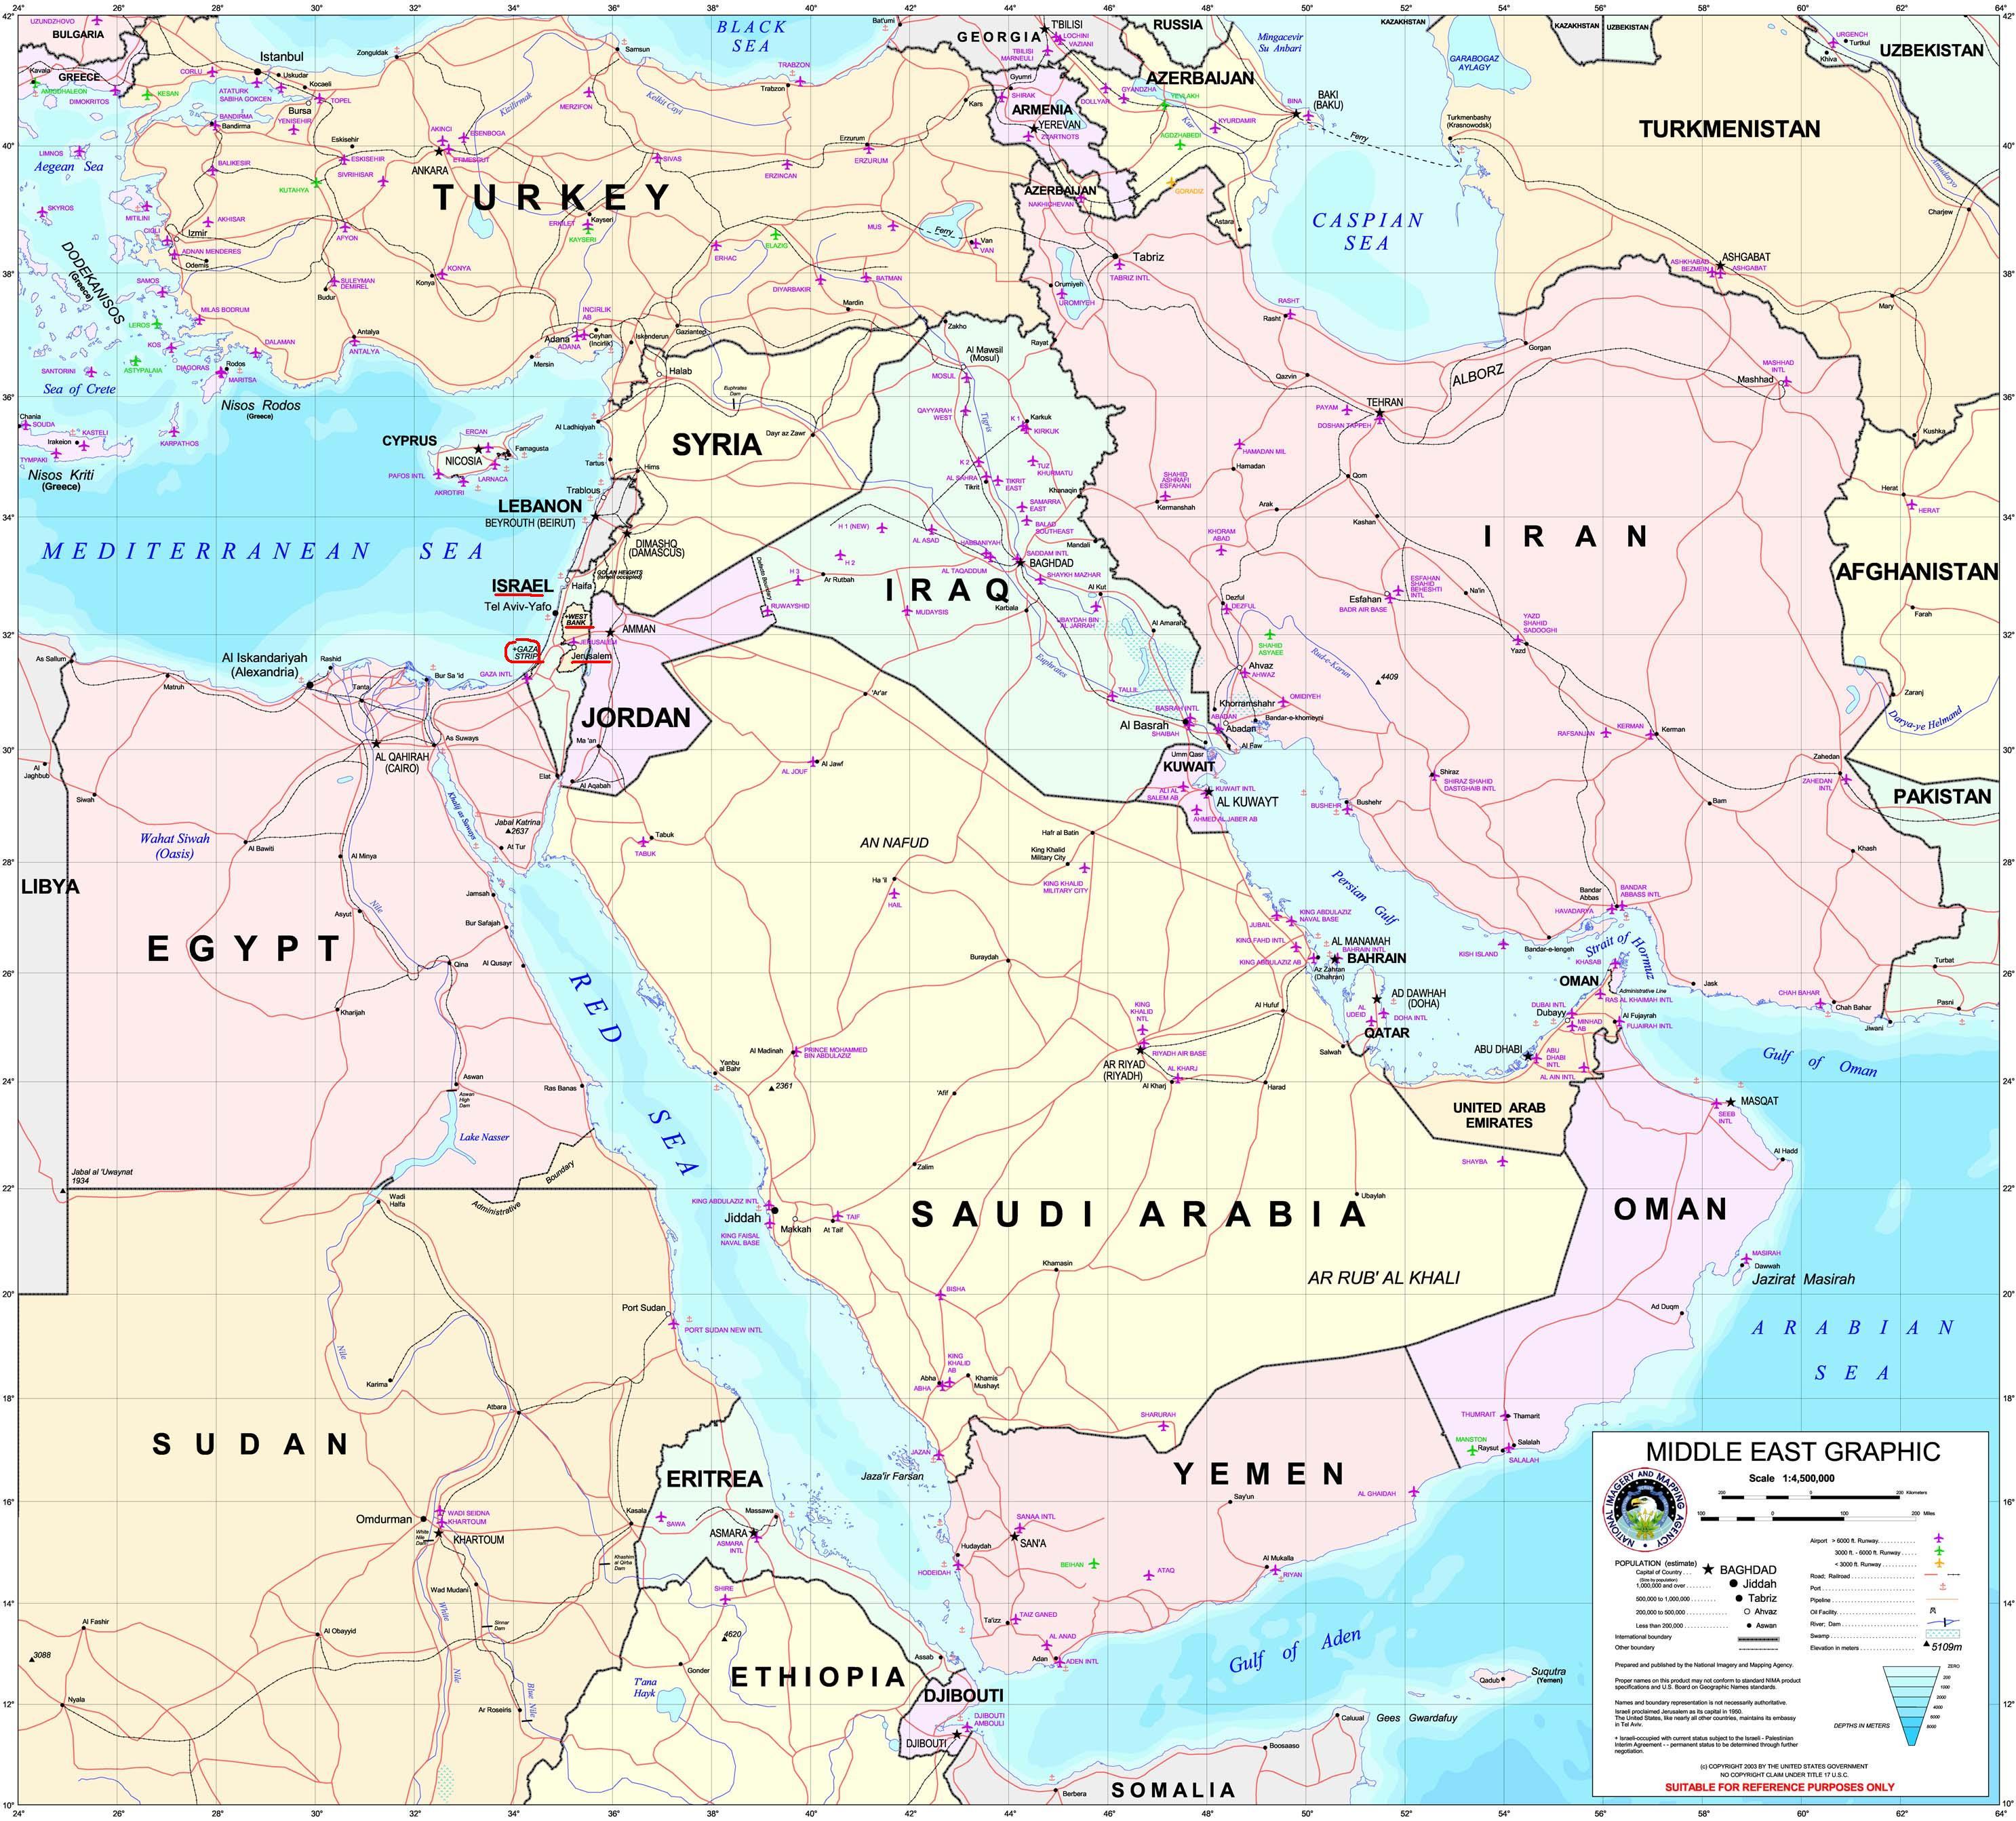 阿尔及利亚高清英文全图